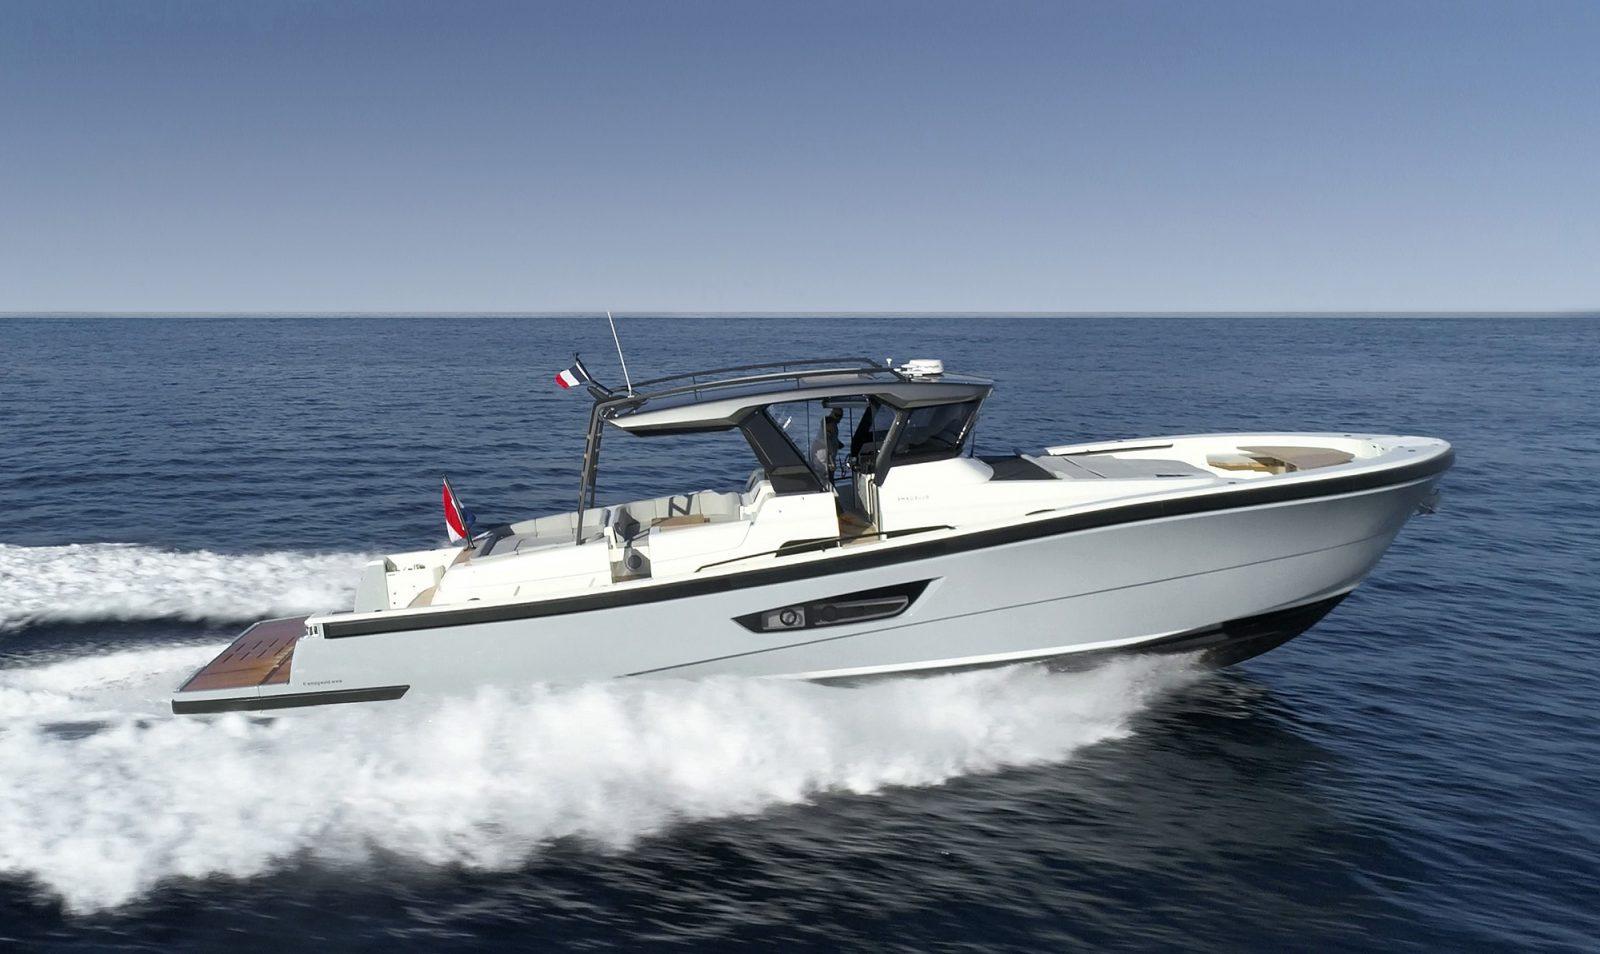 Simpson Marine - BG62